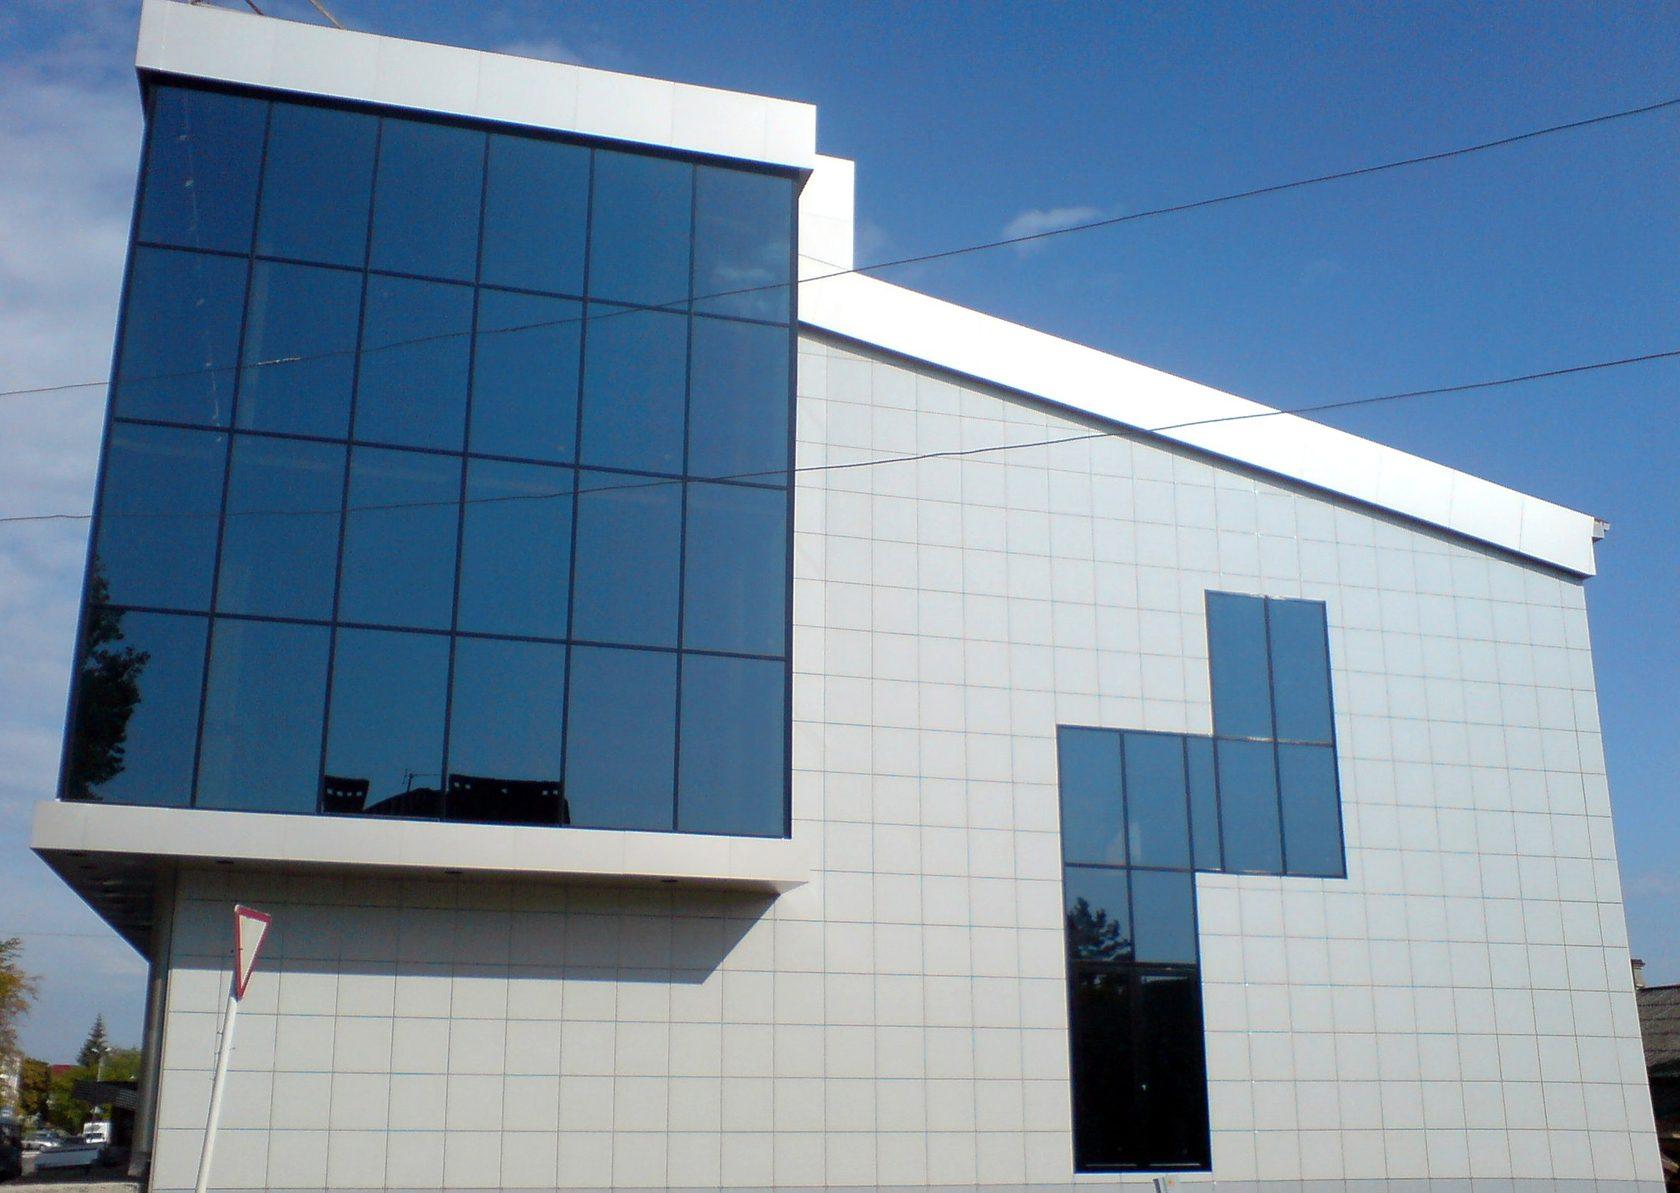 Изготовление алюминиевых фасадов. Недорогие алюминиевые фасады под заказ